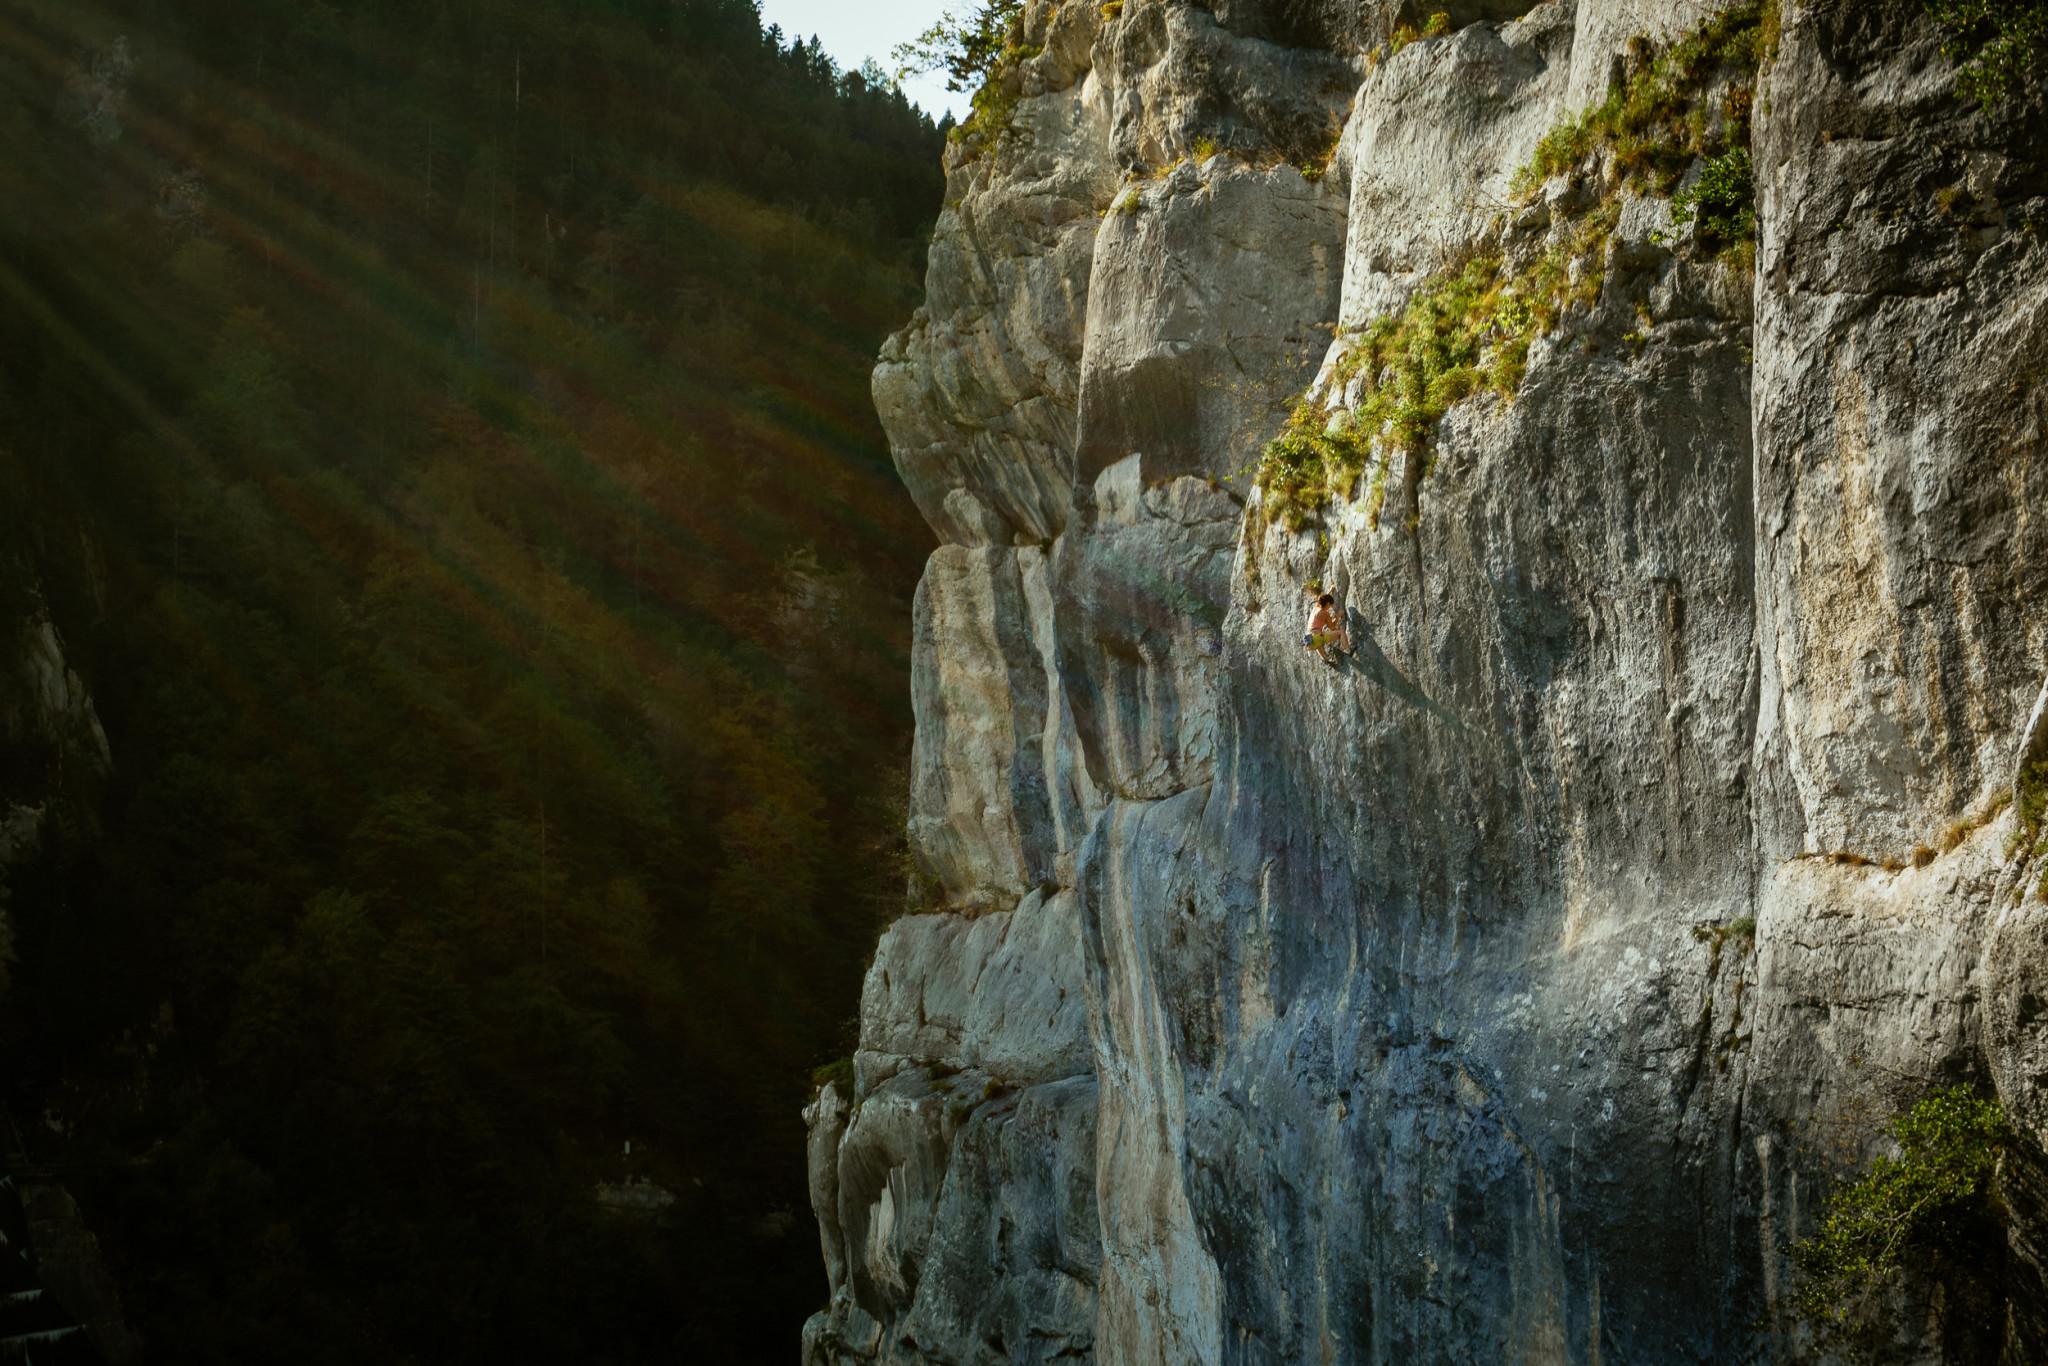 Le barrage du Chatelôt, Suisse | Photo : Chris Schmid